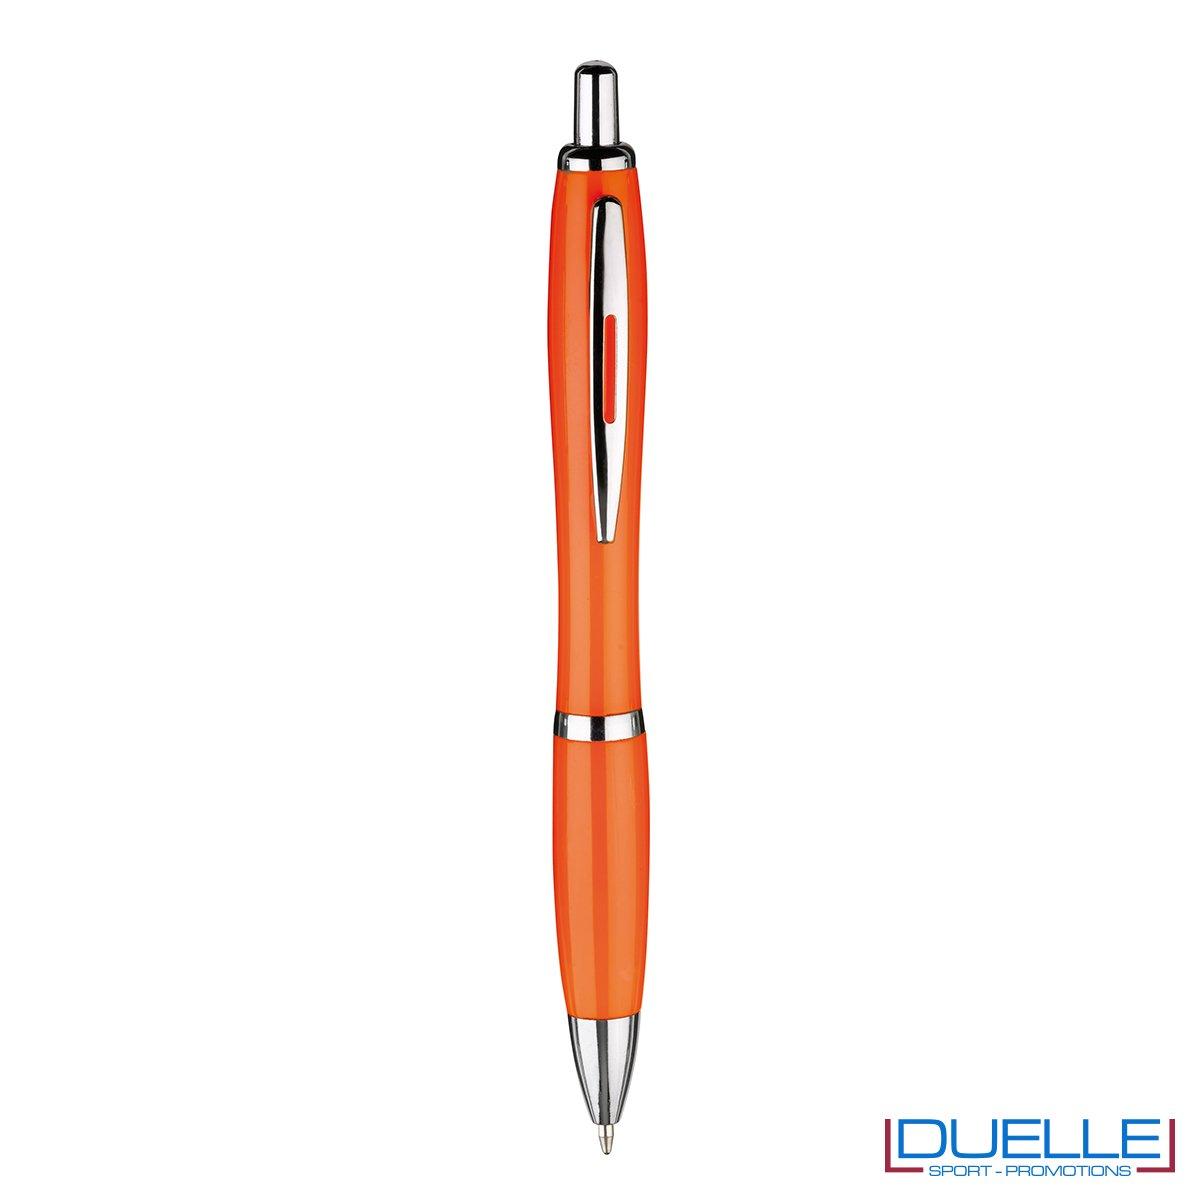 Penna economica personalizzata fusto in plastica colore arancione